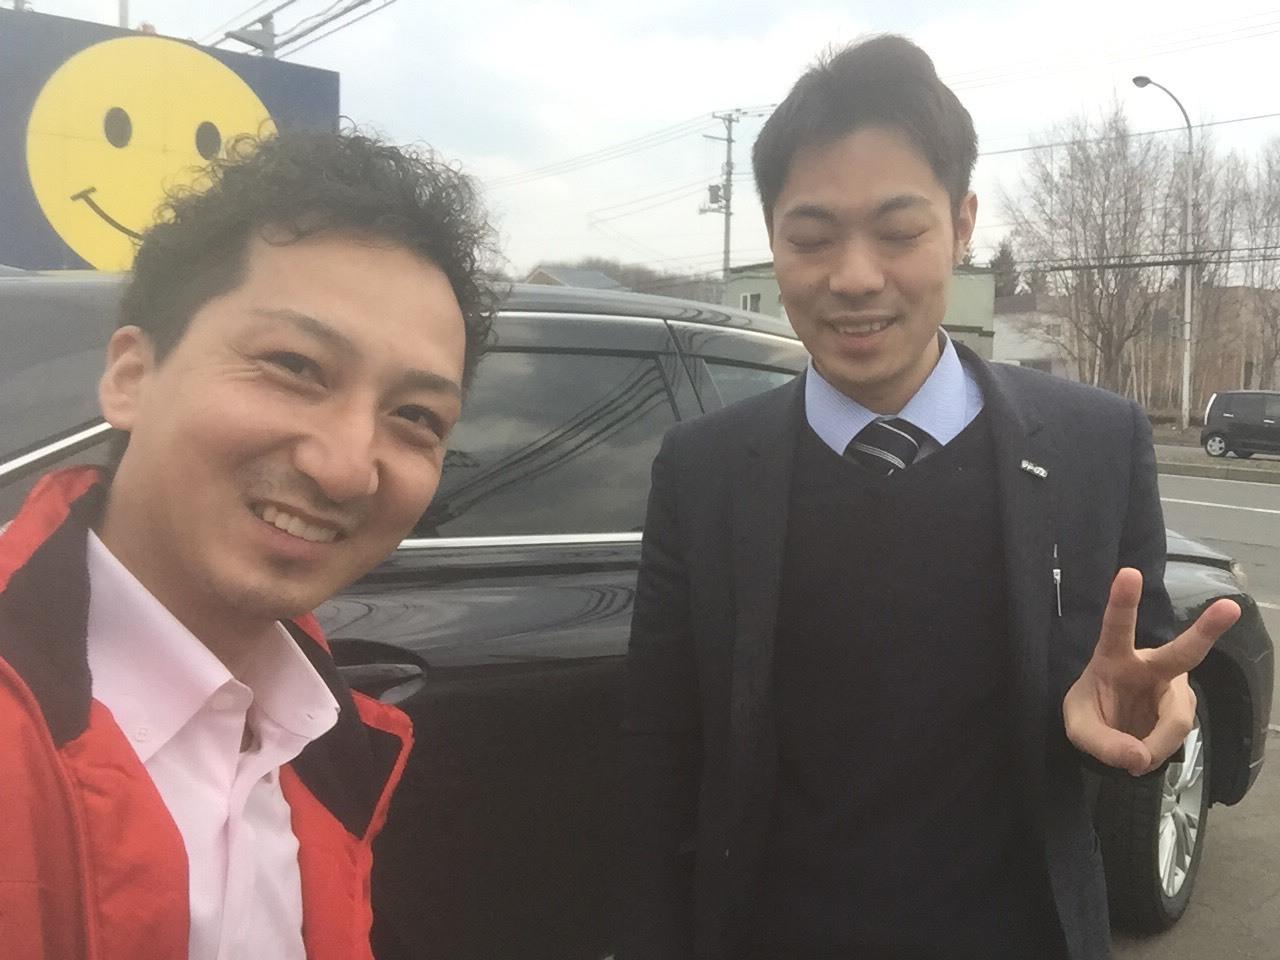 4月8日(日)☻しまぶろぐ☻アルファードO様納車( ✧Д✧)N様ウィッシュご成約◝(⁰▿⁰)◜_b0127002_16262788.jpg